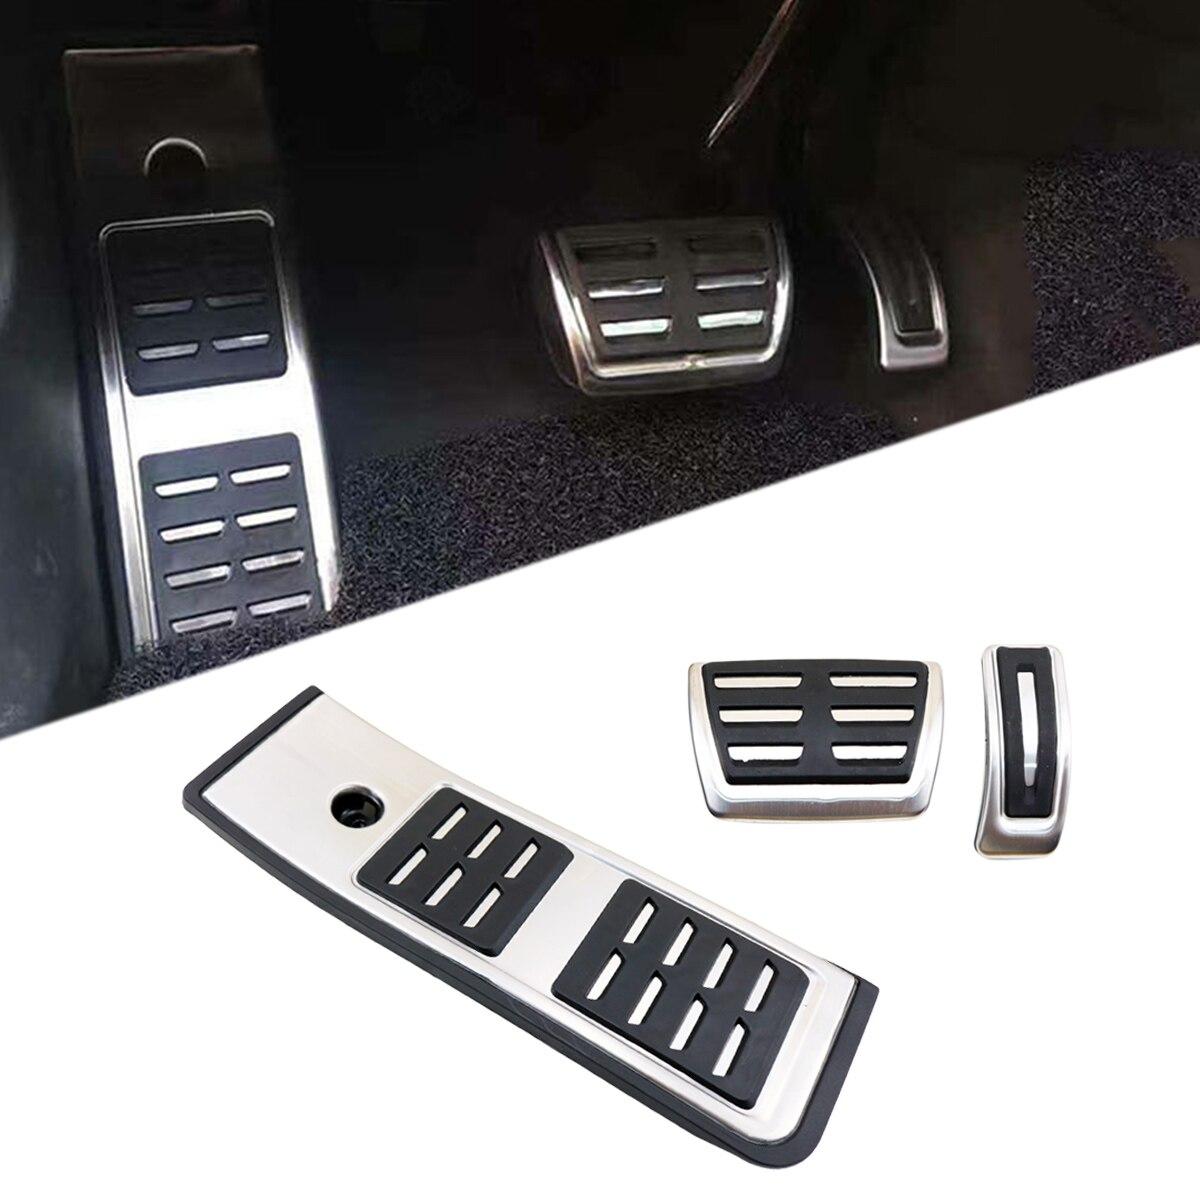 Accessoires couvercle de pédale adapté pour Audi A4 B9 S4 RS4 2016 2017 2018 repose-pieds antidérapant plaque d'accélérateur huile gaz carburant frein à coussinet